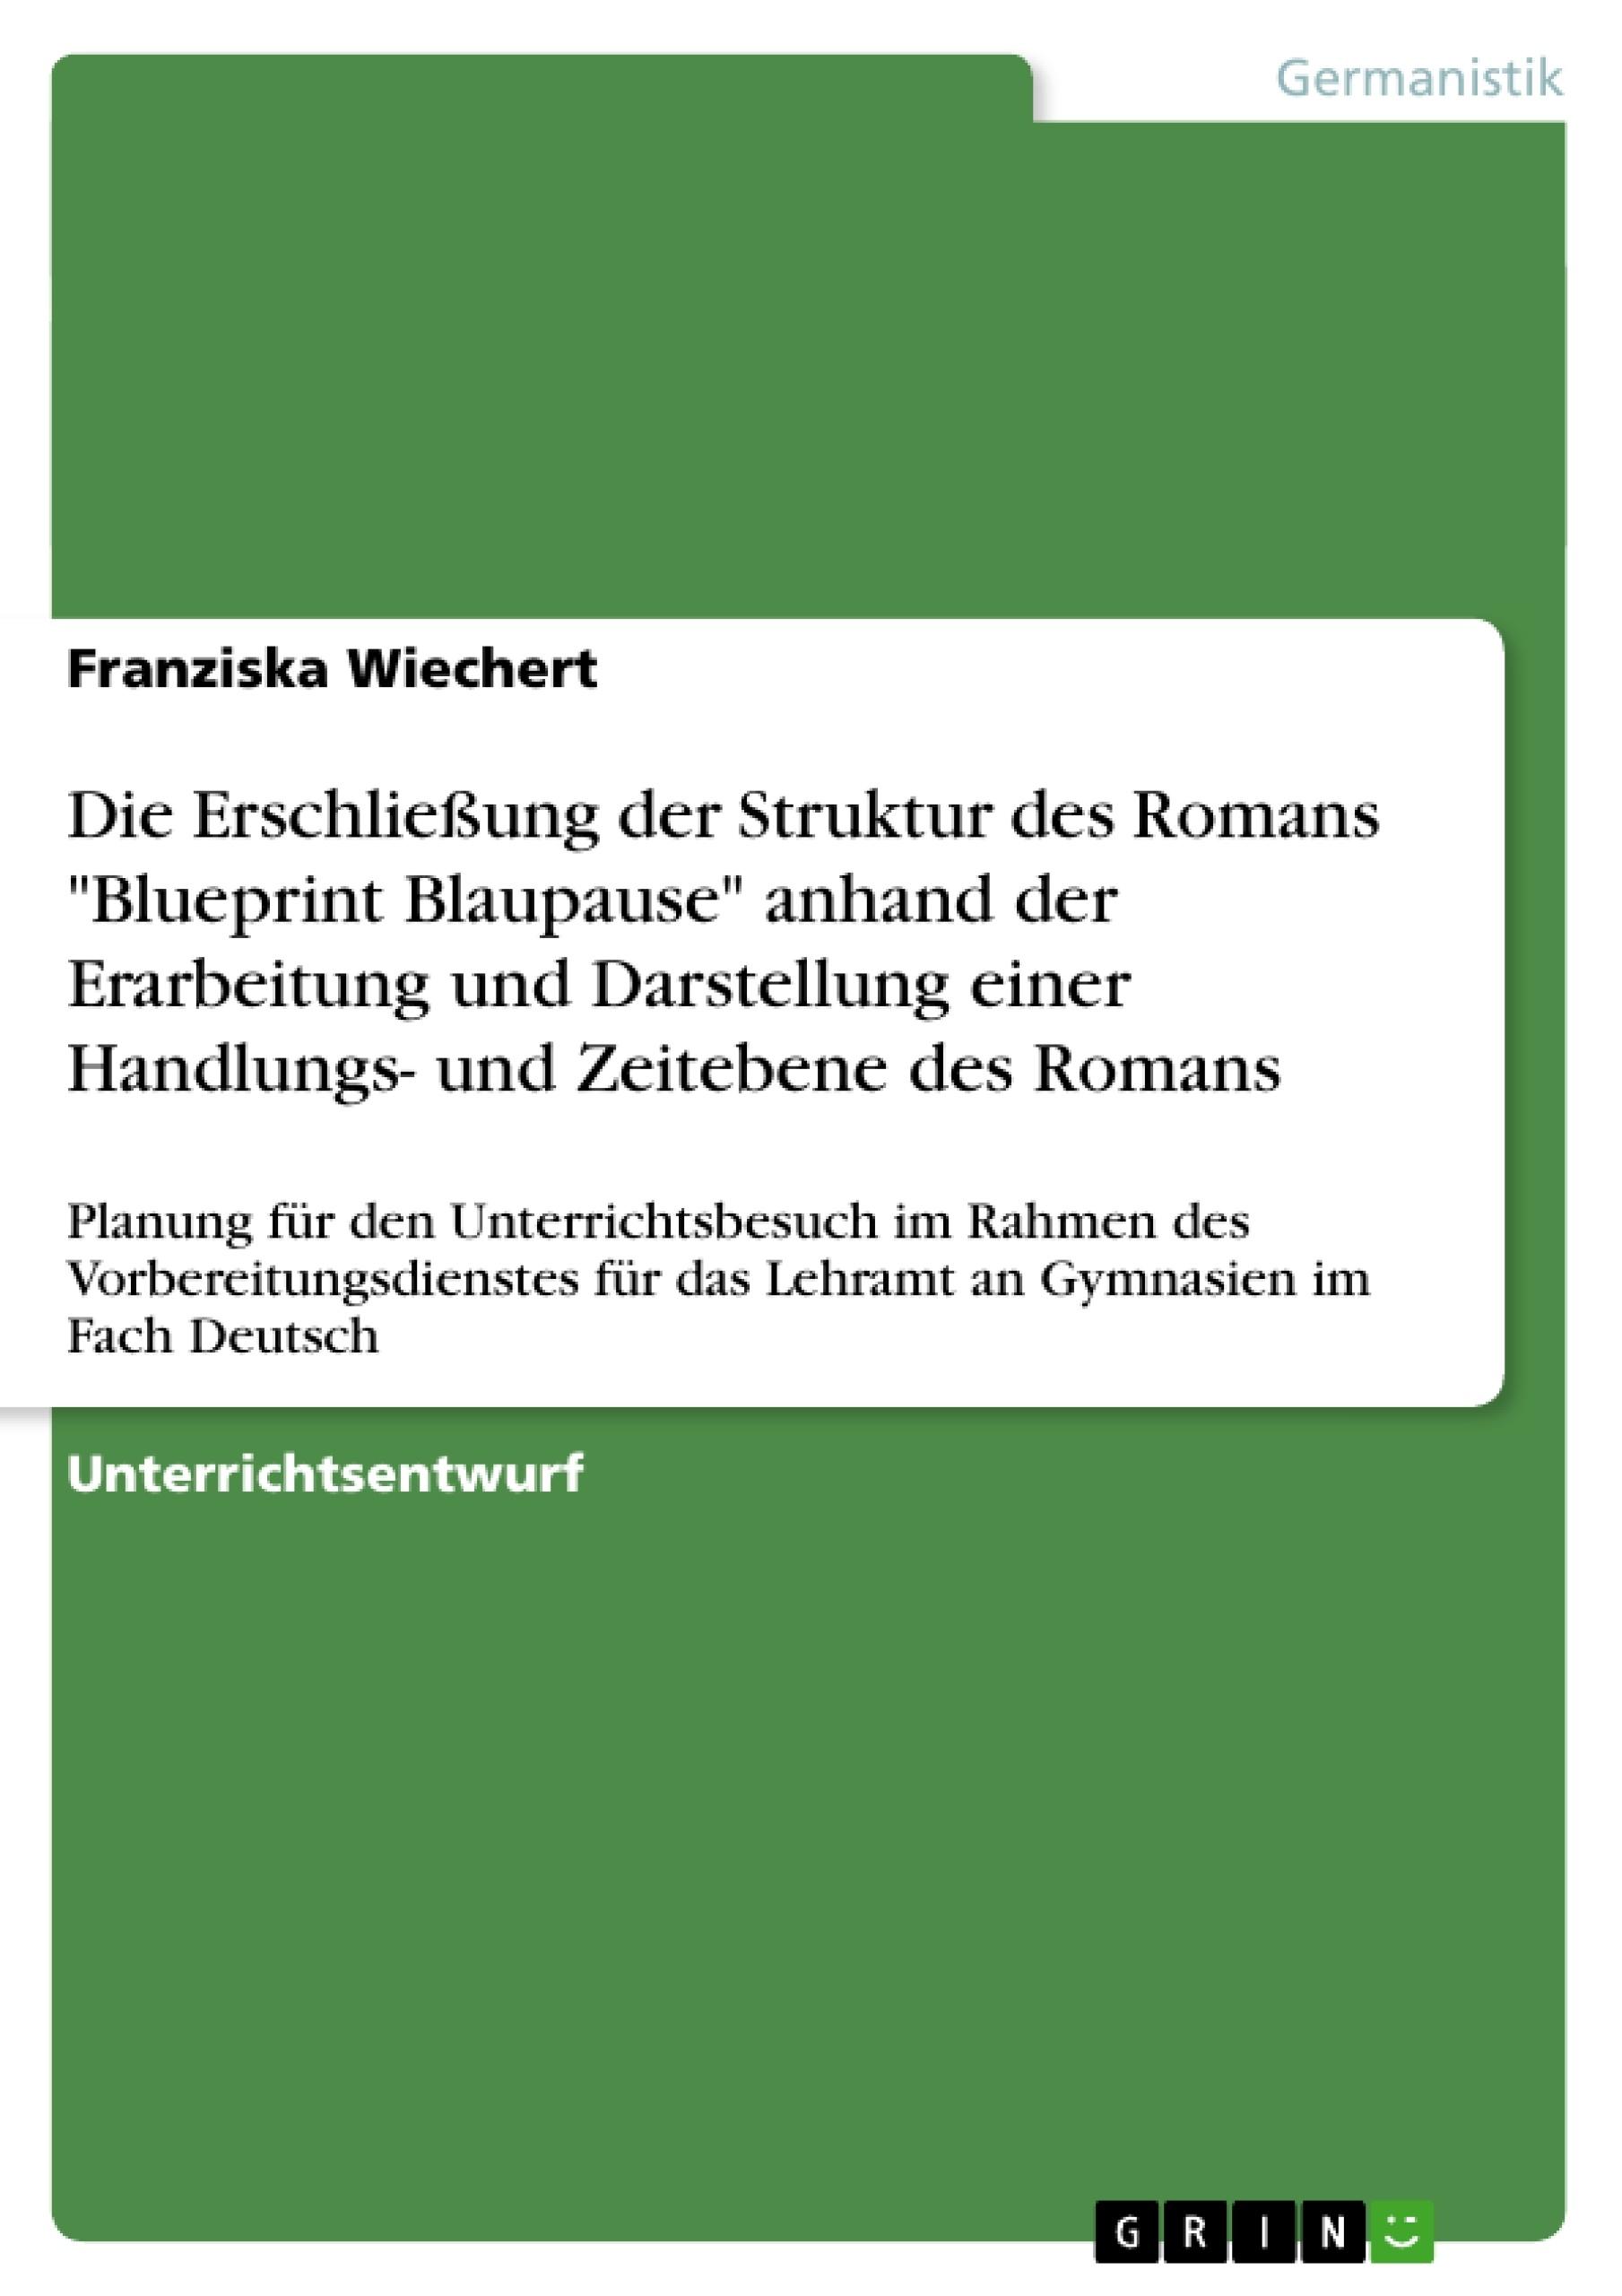 """Titel: Die Erschließung der Struktur des Romans """"Blueprint Blaupause"""" anhand der Erarbeitung und Darstellung einer Handlungs- und Zeitebene des Romans"""